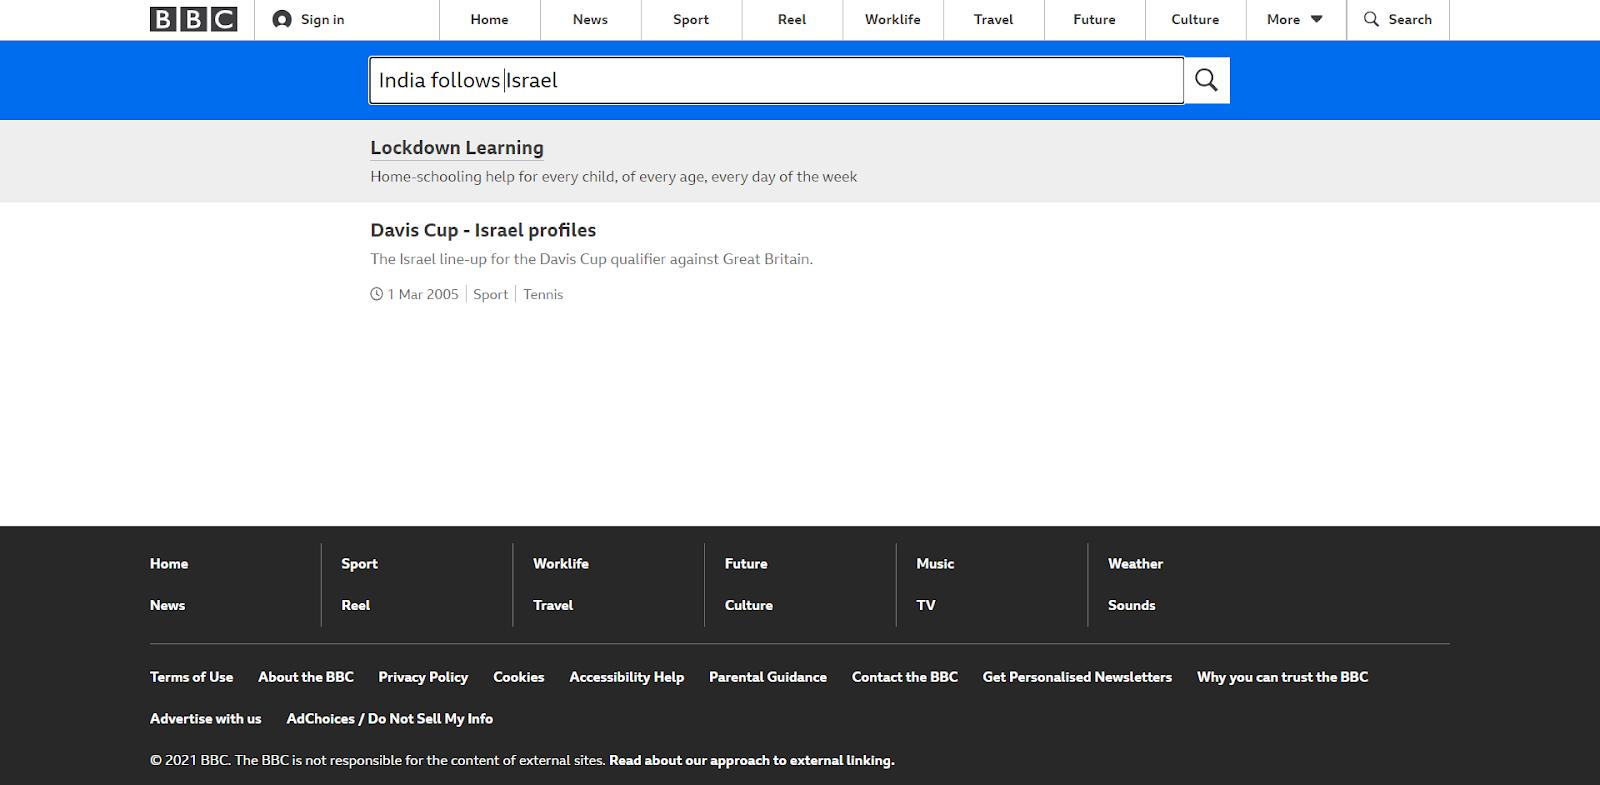 BBC की वेबसाइट का स्क्रीनशॉट